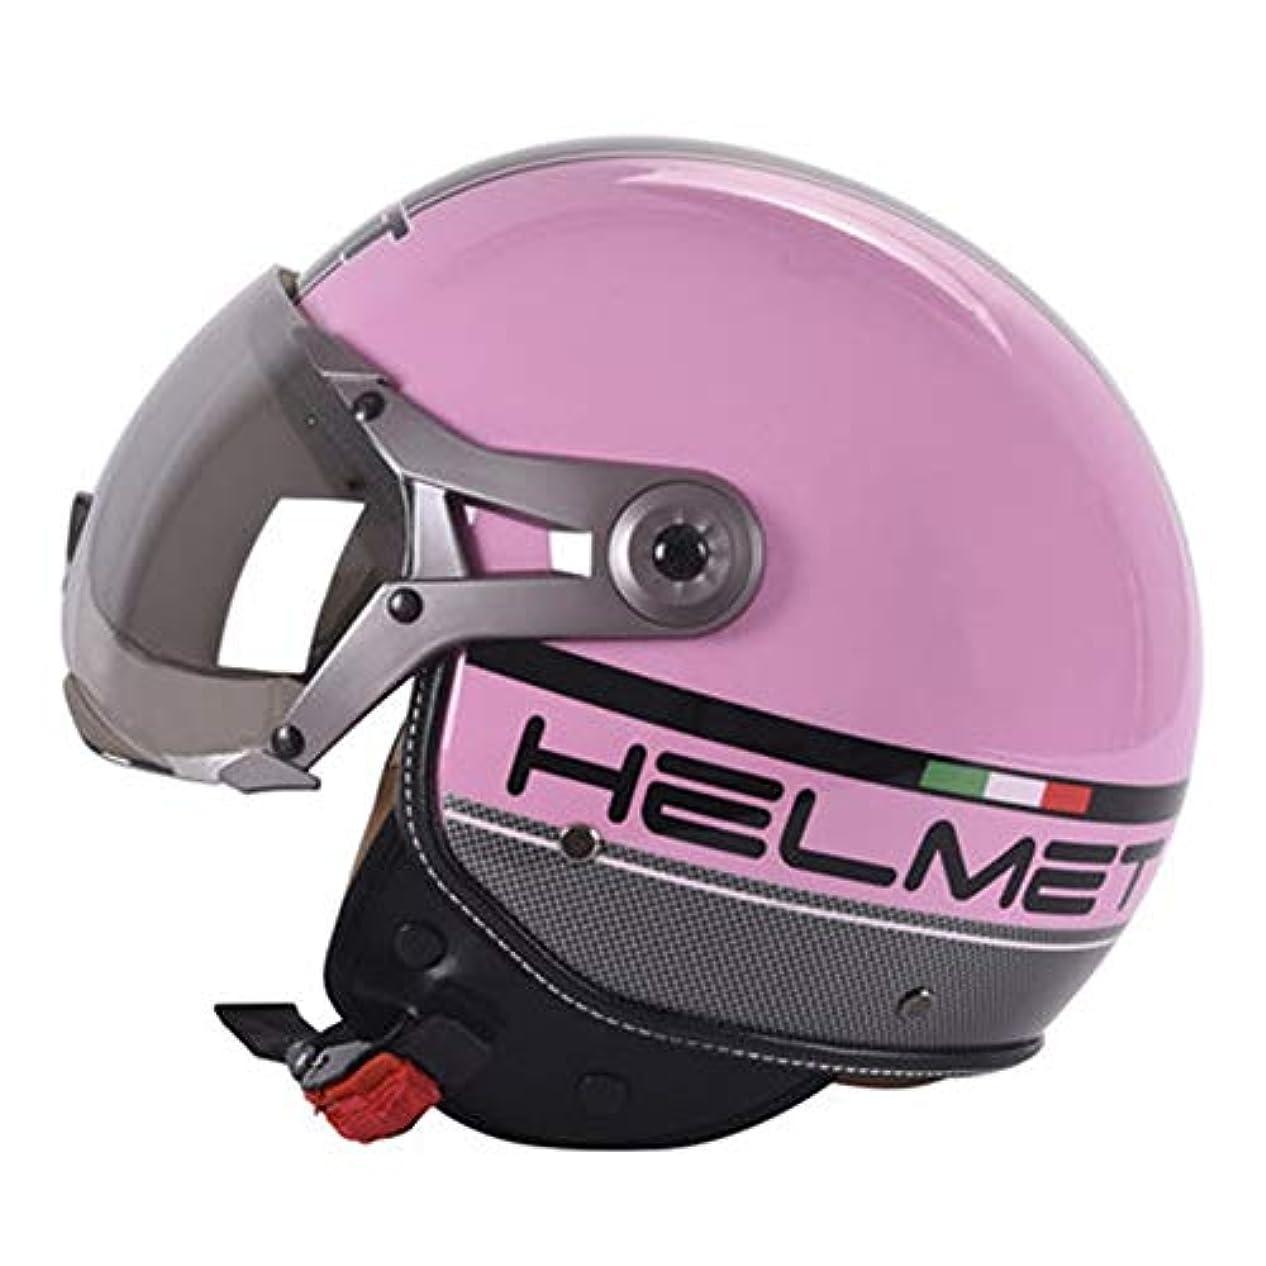 腐食する最もロボットHYH 電動バイクヘルメットバッテリー車半ヘルメット四季通気性人格ヘルメット銀メッキレンズライトアンチグレア - ピンク いい人生 (Size : M)